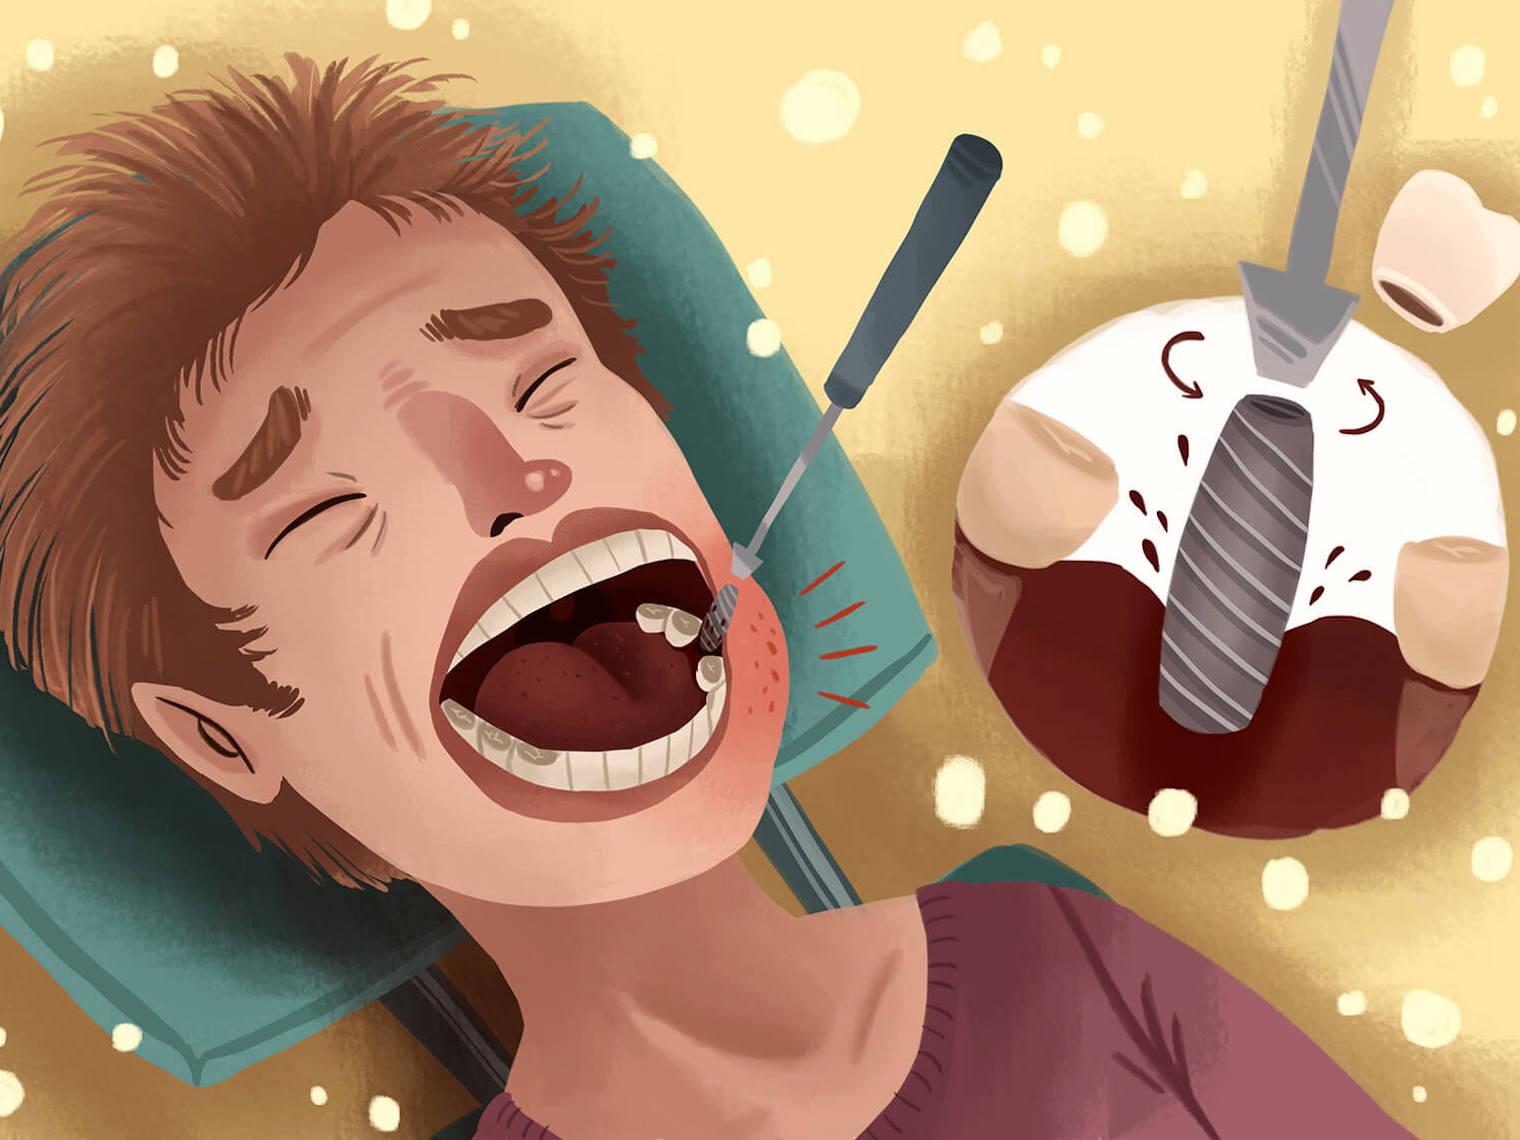 牙齒是食物消化吸收的第一道關卡,如果無法順利進食,人體攝取各種養分的過程,可能受到阻礙,或是營養的種類與份量受到限制,不僅造成體重減輕、營養不良,身體各部位的機能也會受到影響,免疫能力也會降低,到頭來更容易受到各種疾病的侵害。